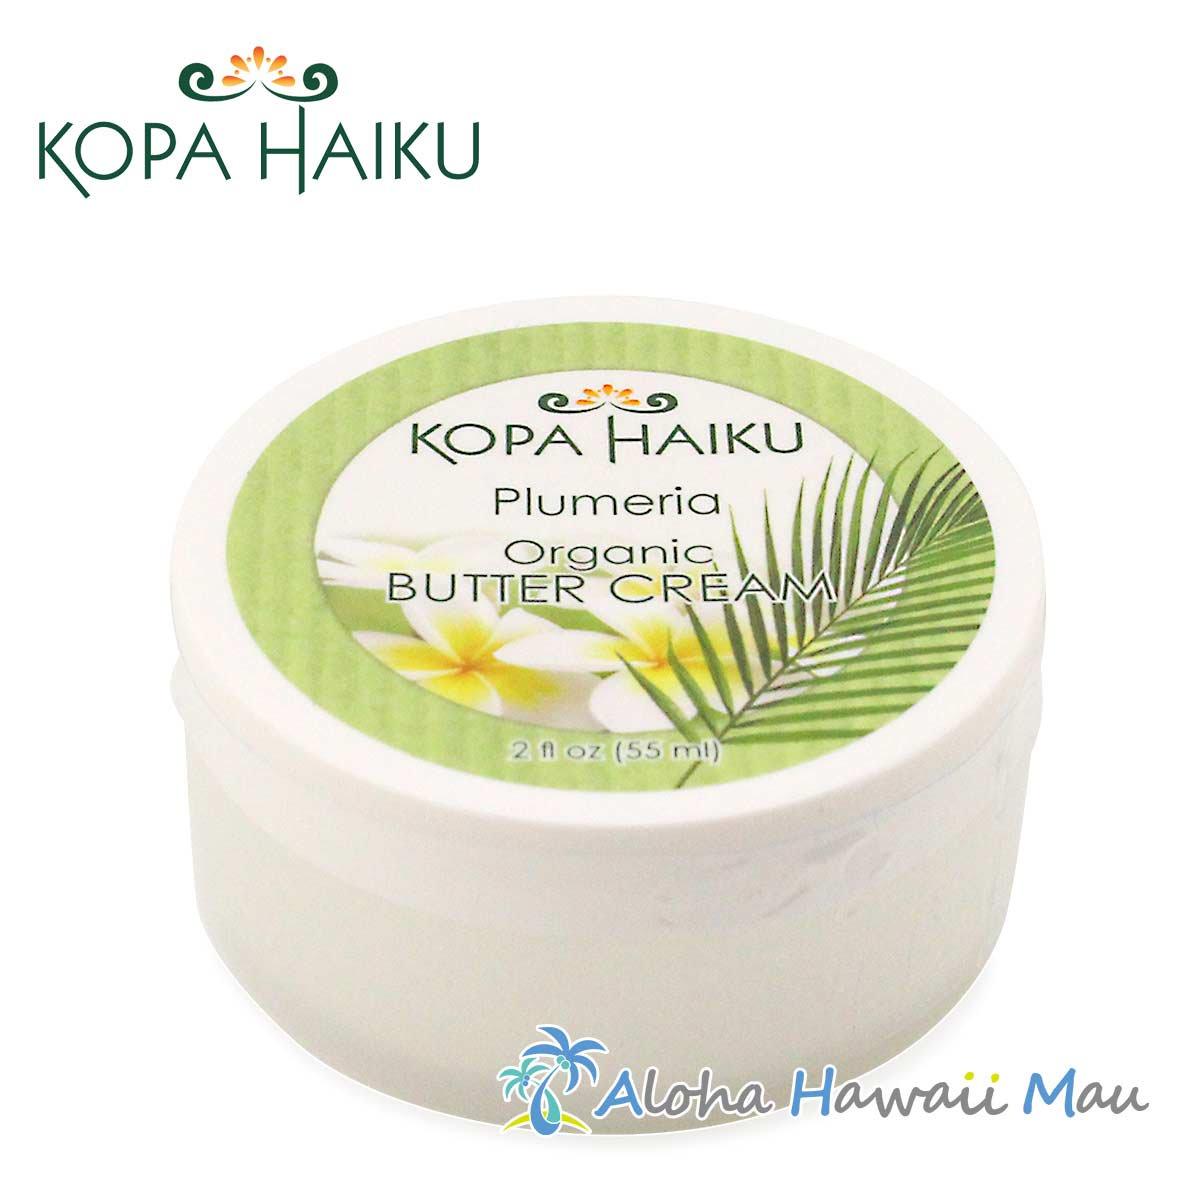 コパハイクバタークリーム プルメリア